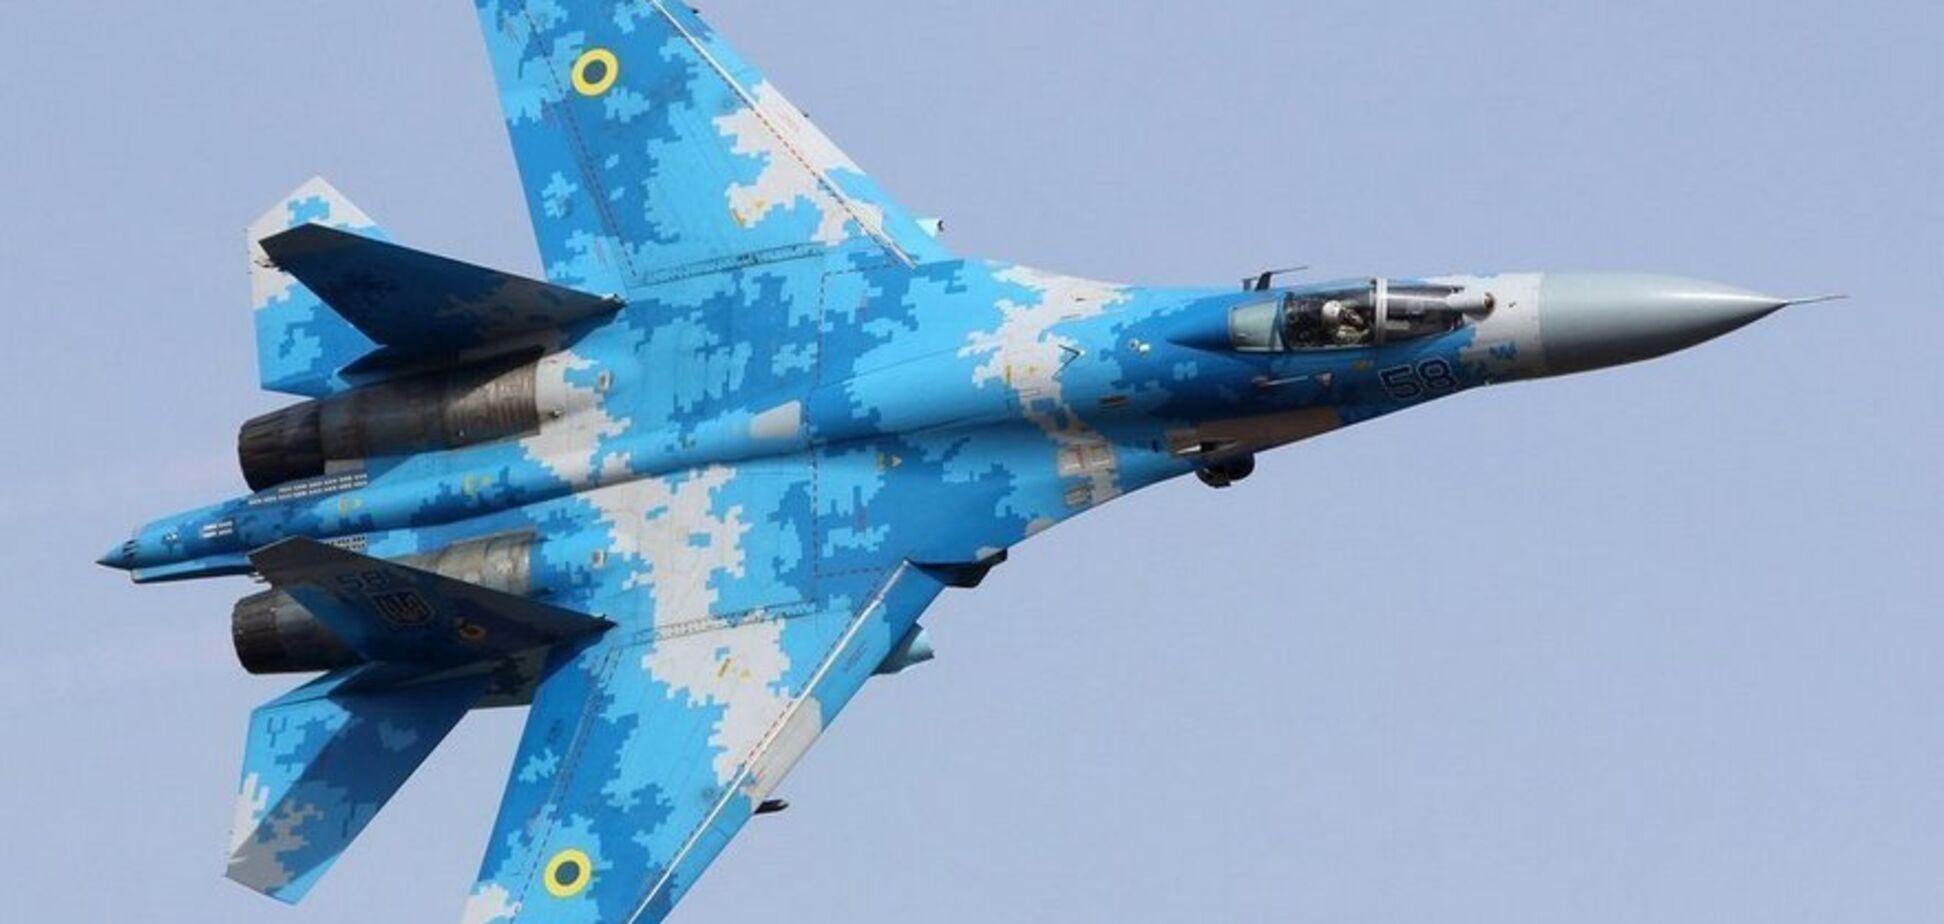 Крушение Су-27: появились имя и фото погибшего пилота США